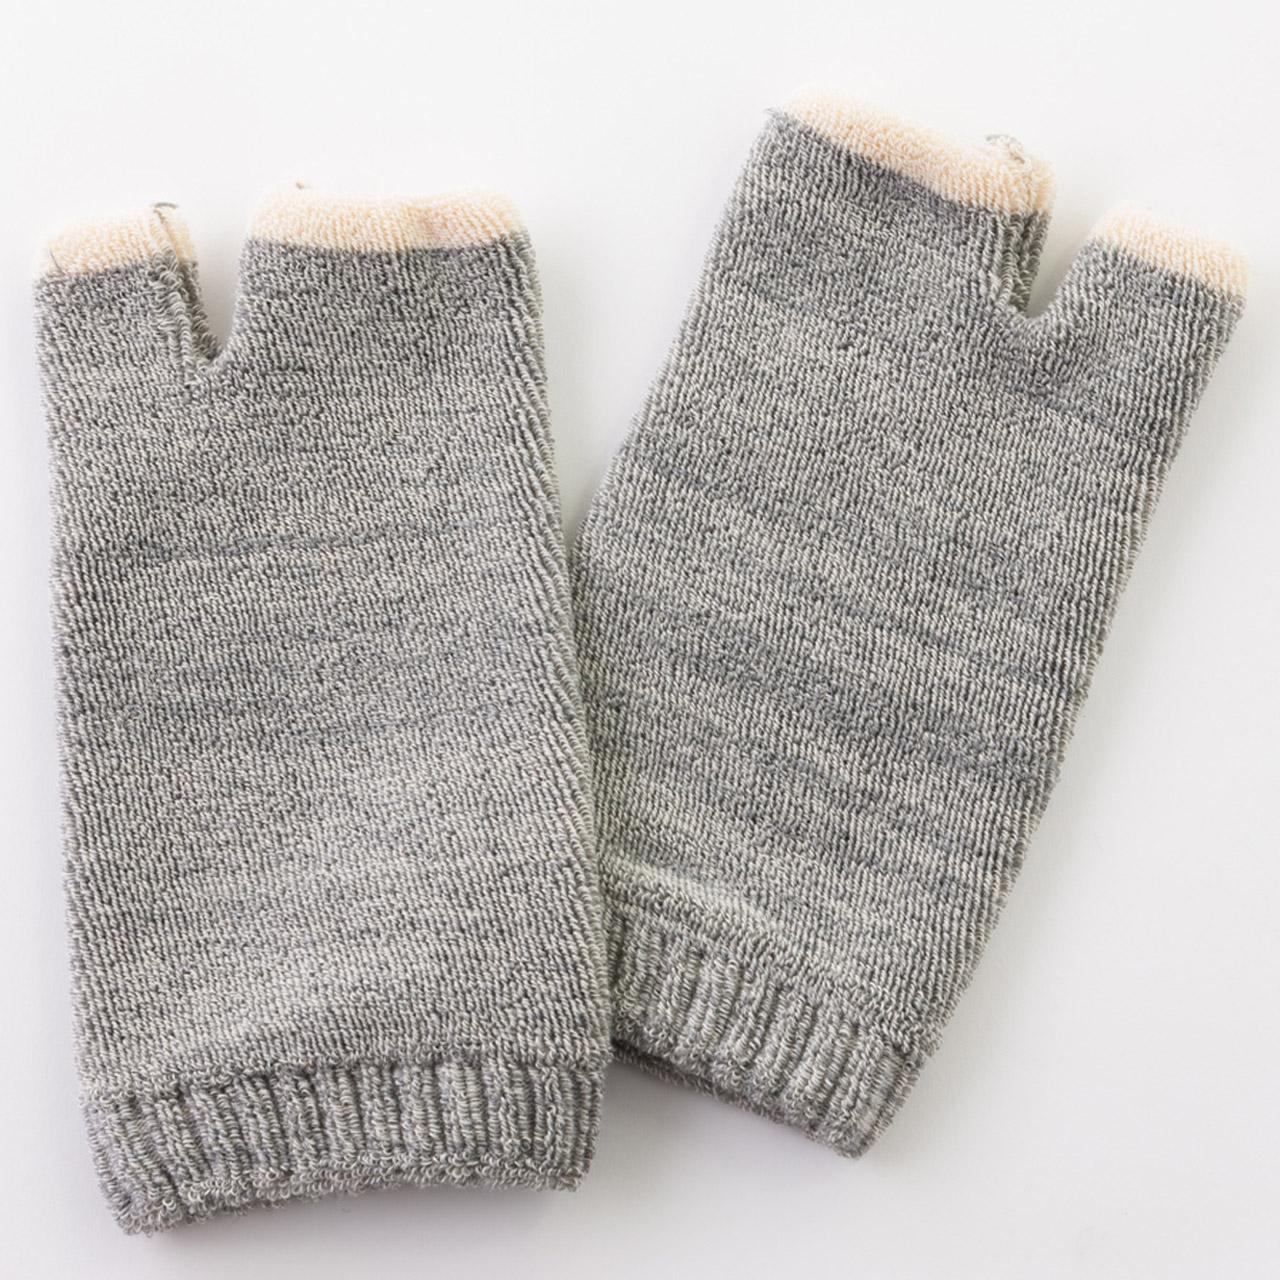 オーガニックコットンパイル手袋杢カラー